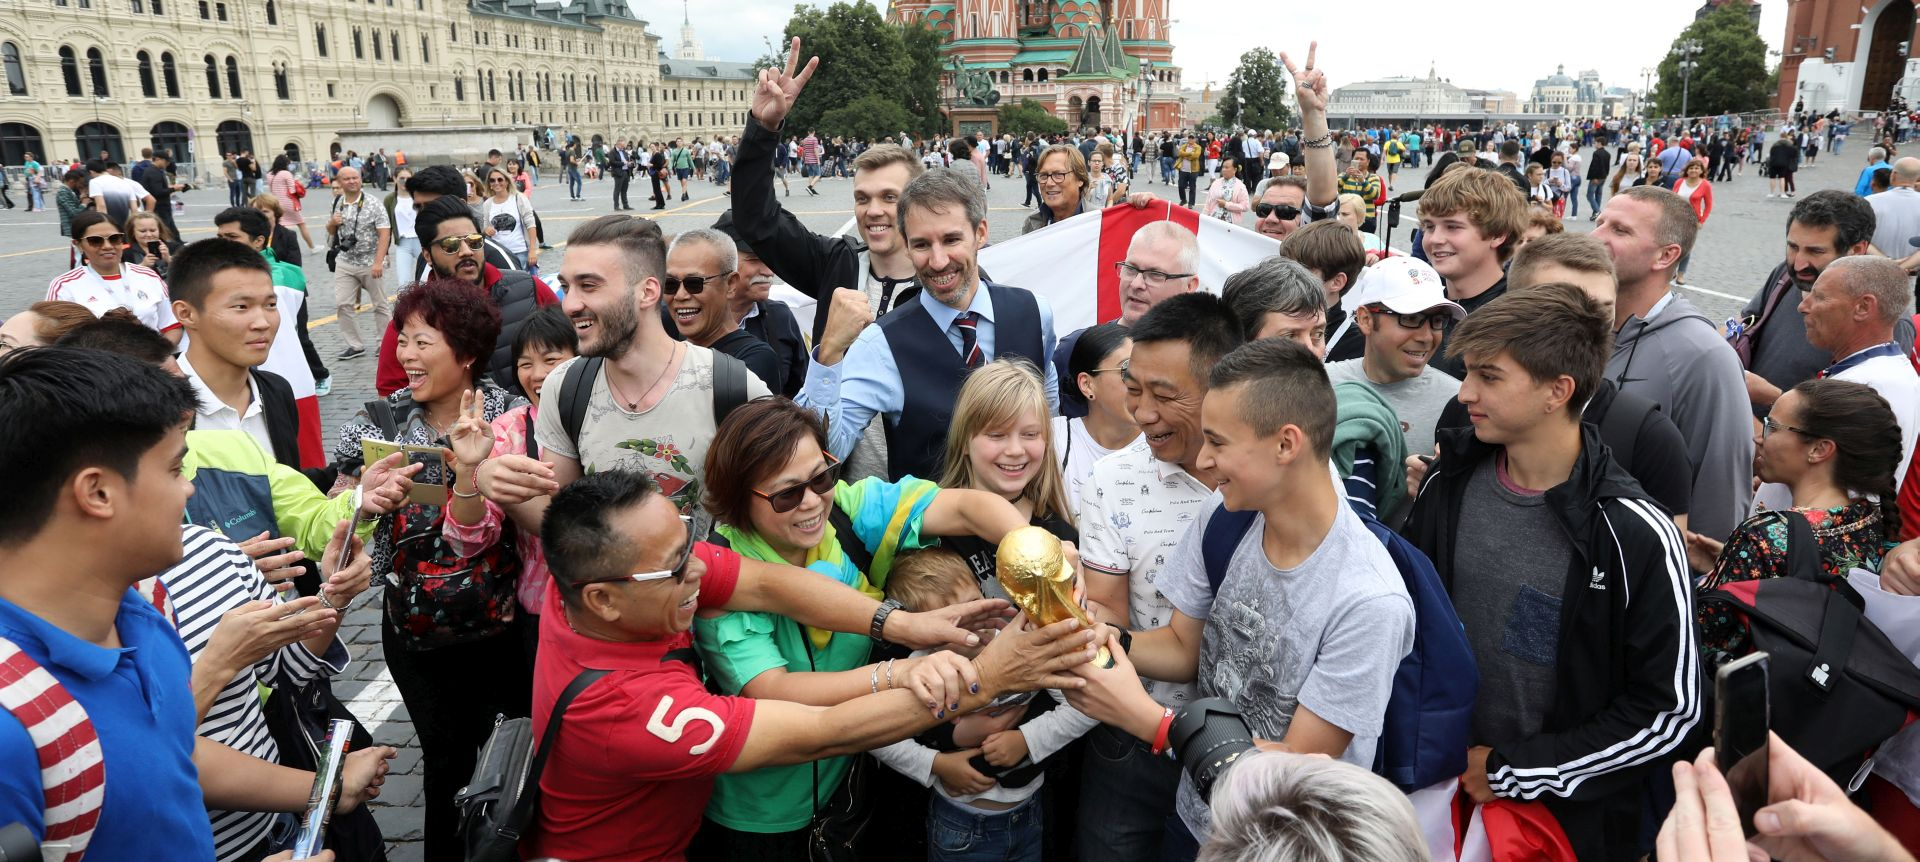 MOSKVA Southgate zvijezda na Crvenom trgu, čeka se navijačka zastava